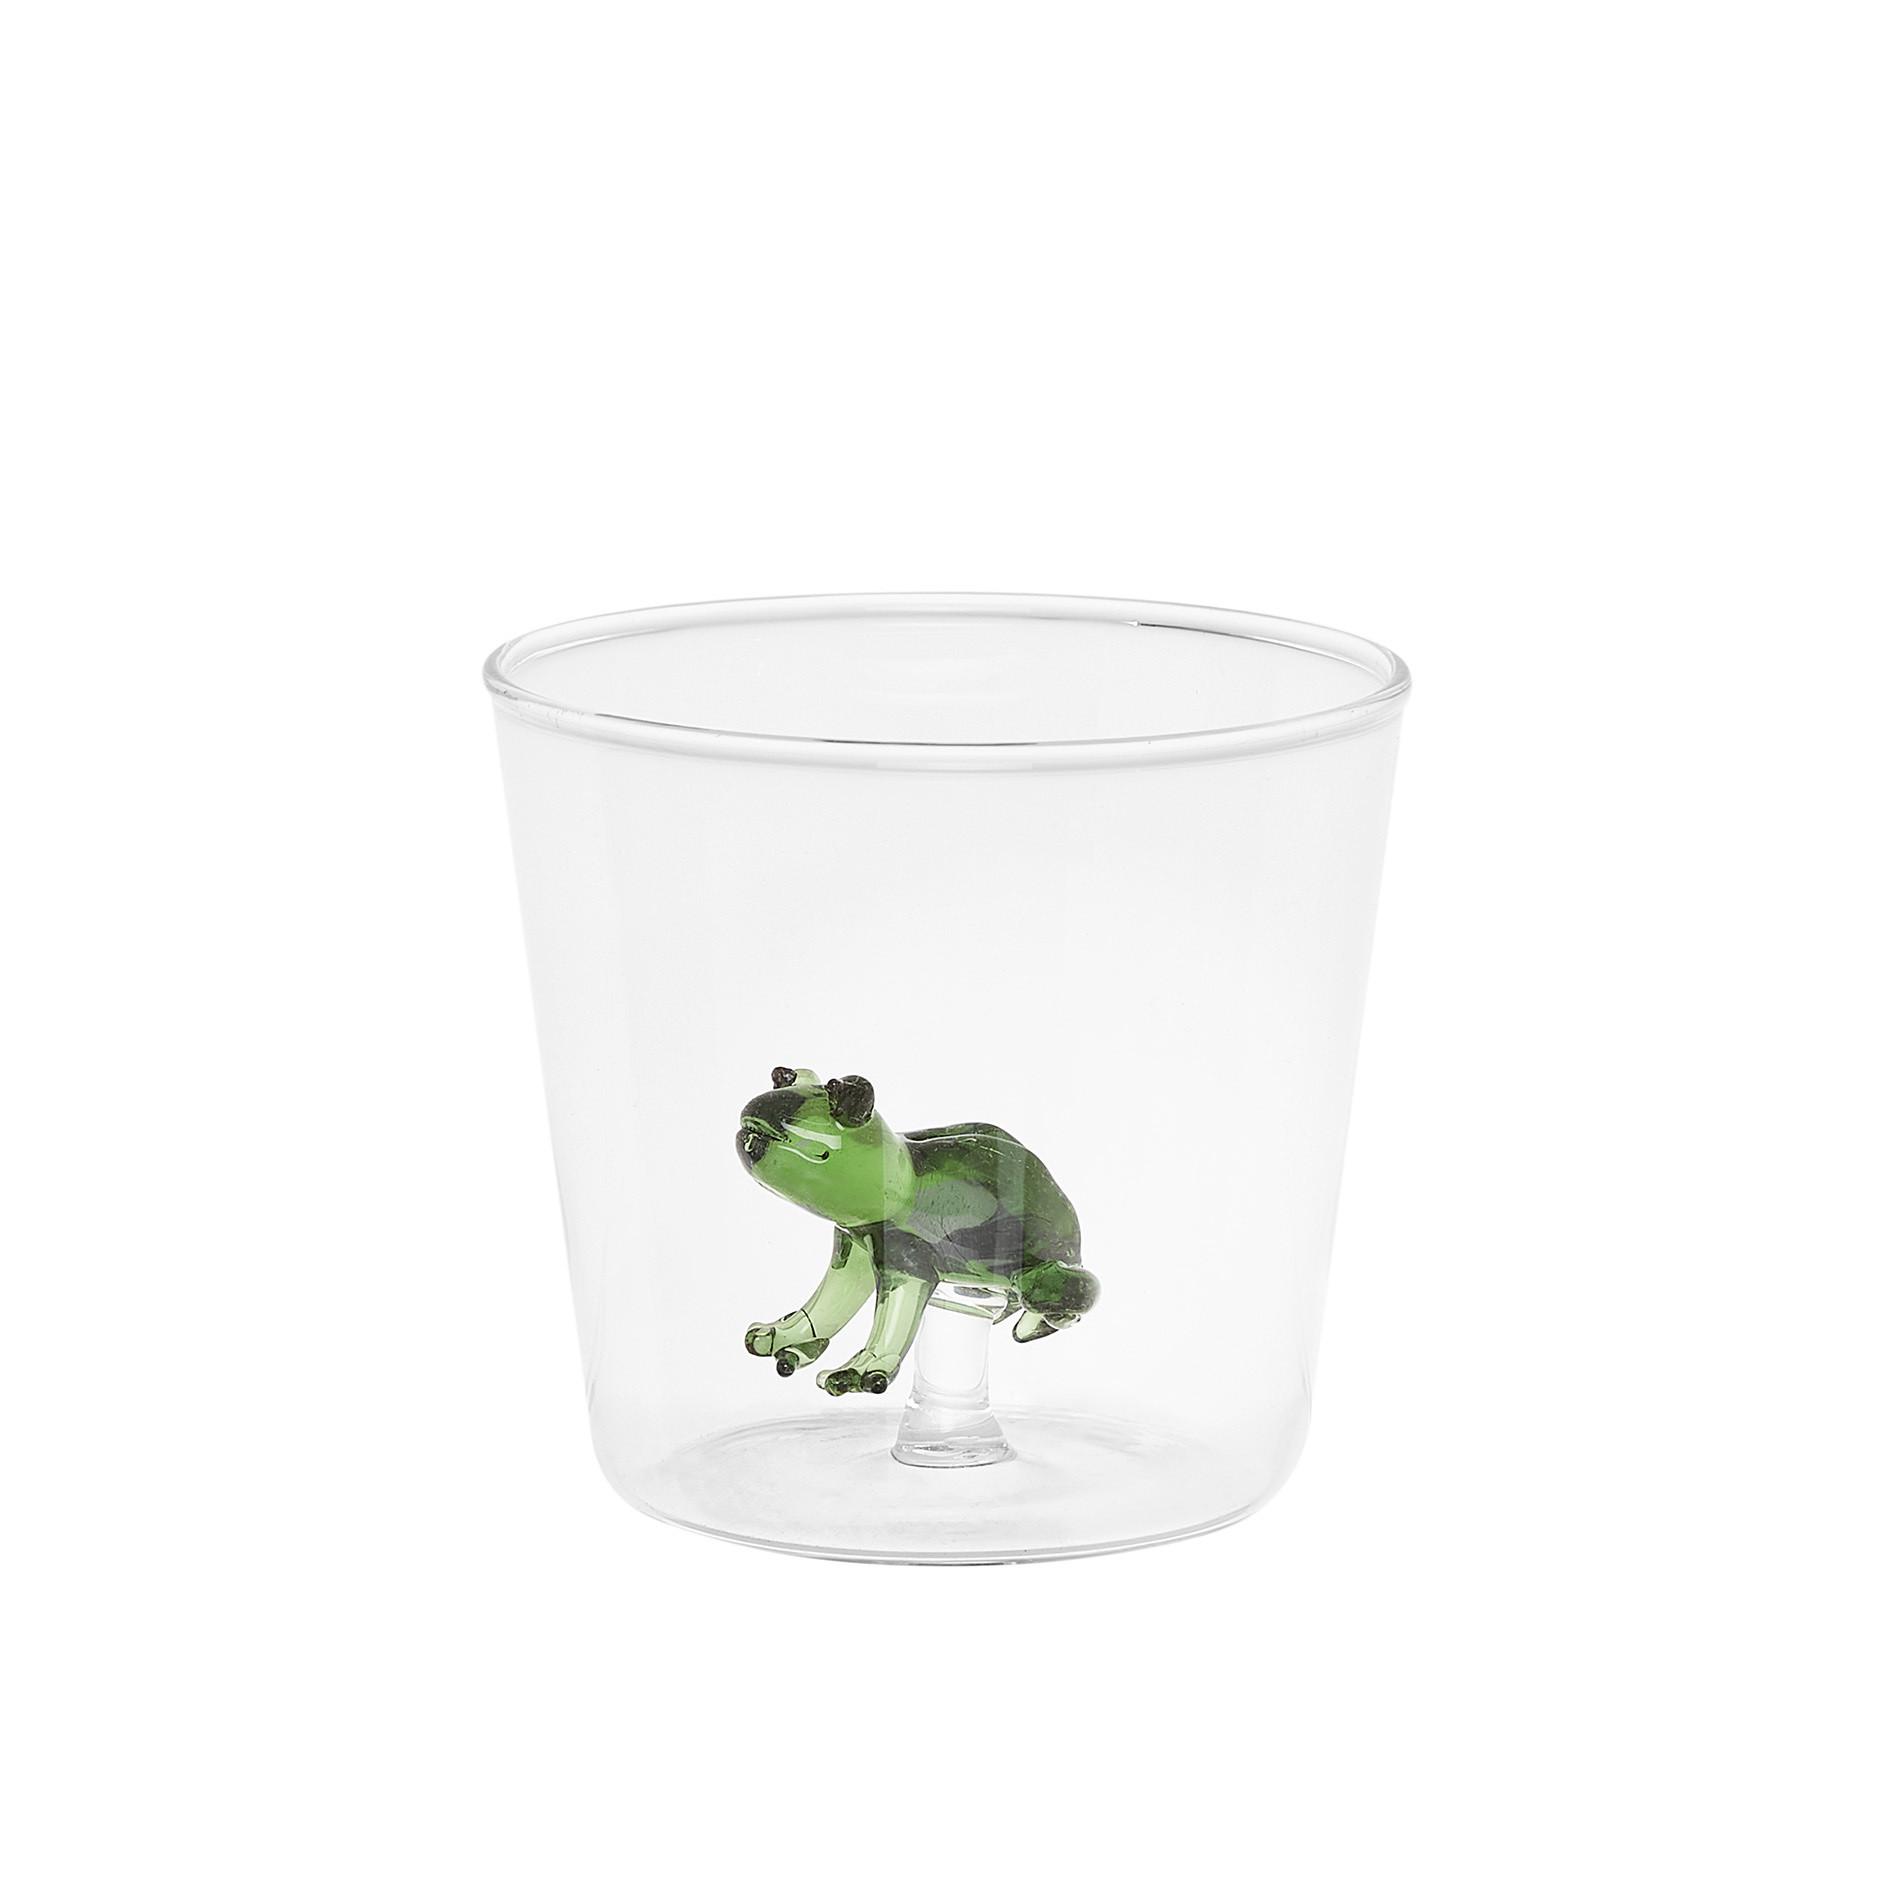 Bicchiere vetro dettaglio rana, Trasparente, large image number 0